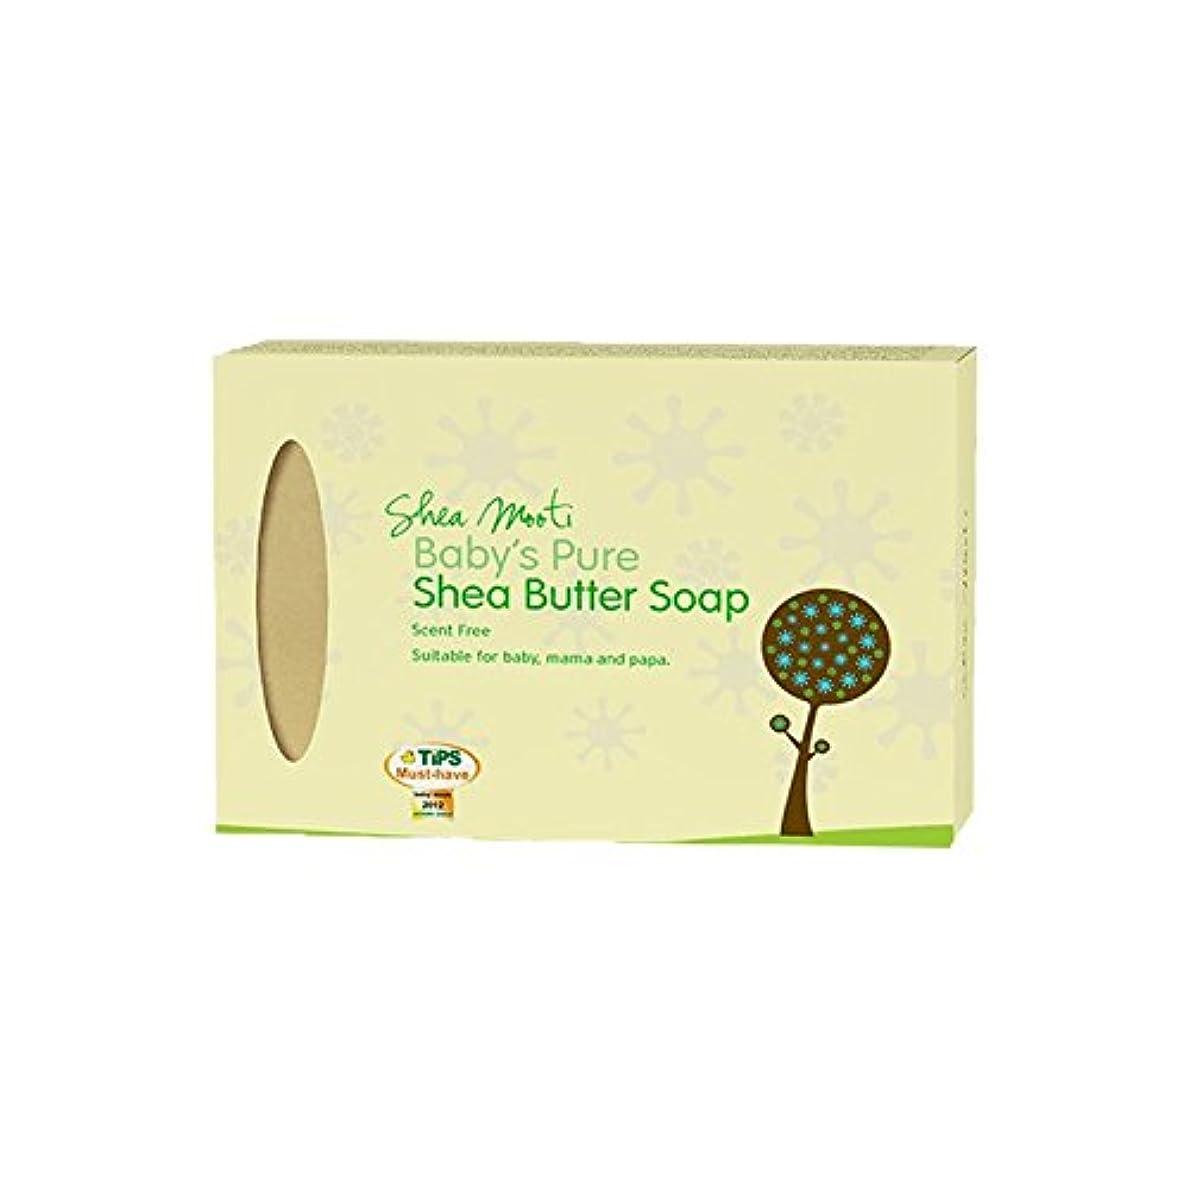 ピアノ遺体安置所直接Shea Mooti Baby's Pure Shea Butter Soap Unscented 250ml (Pack of 6) - シアバターMooti赤ちゃんの純粋なシアバターソープ無香250ミリリットル (x6) [並行輸入品]